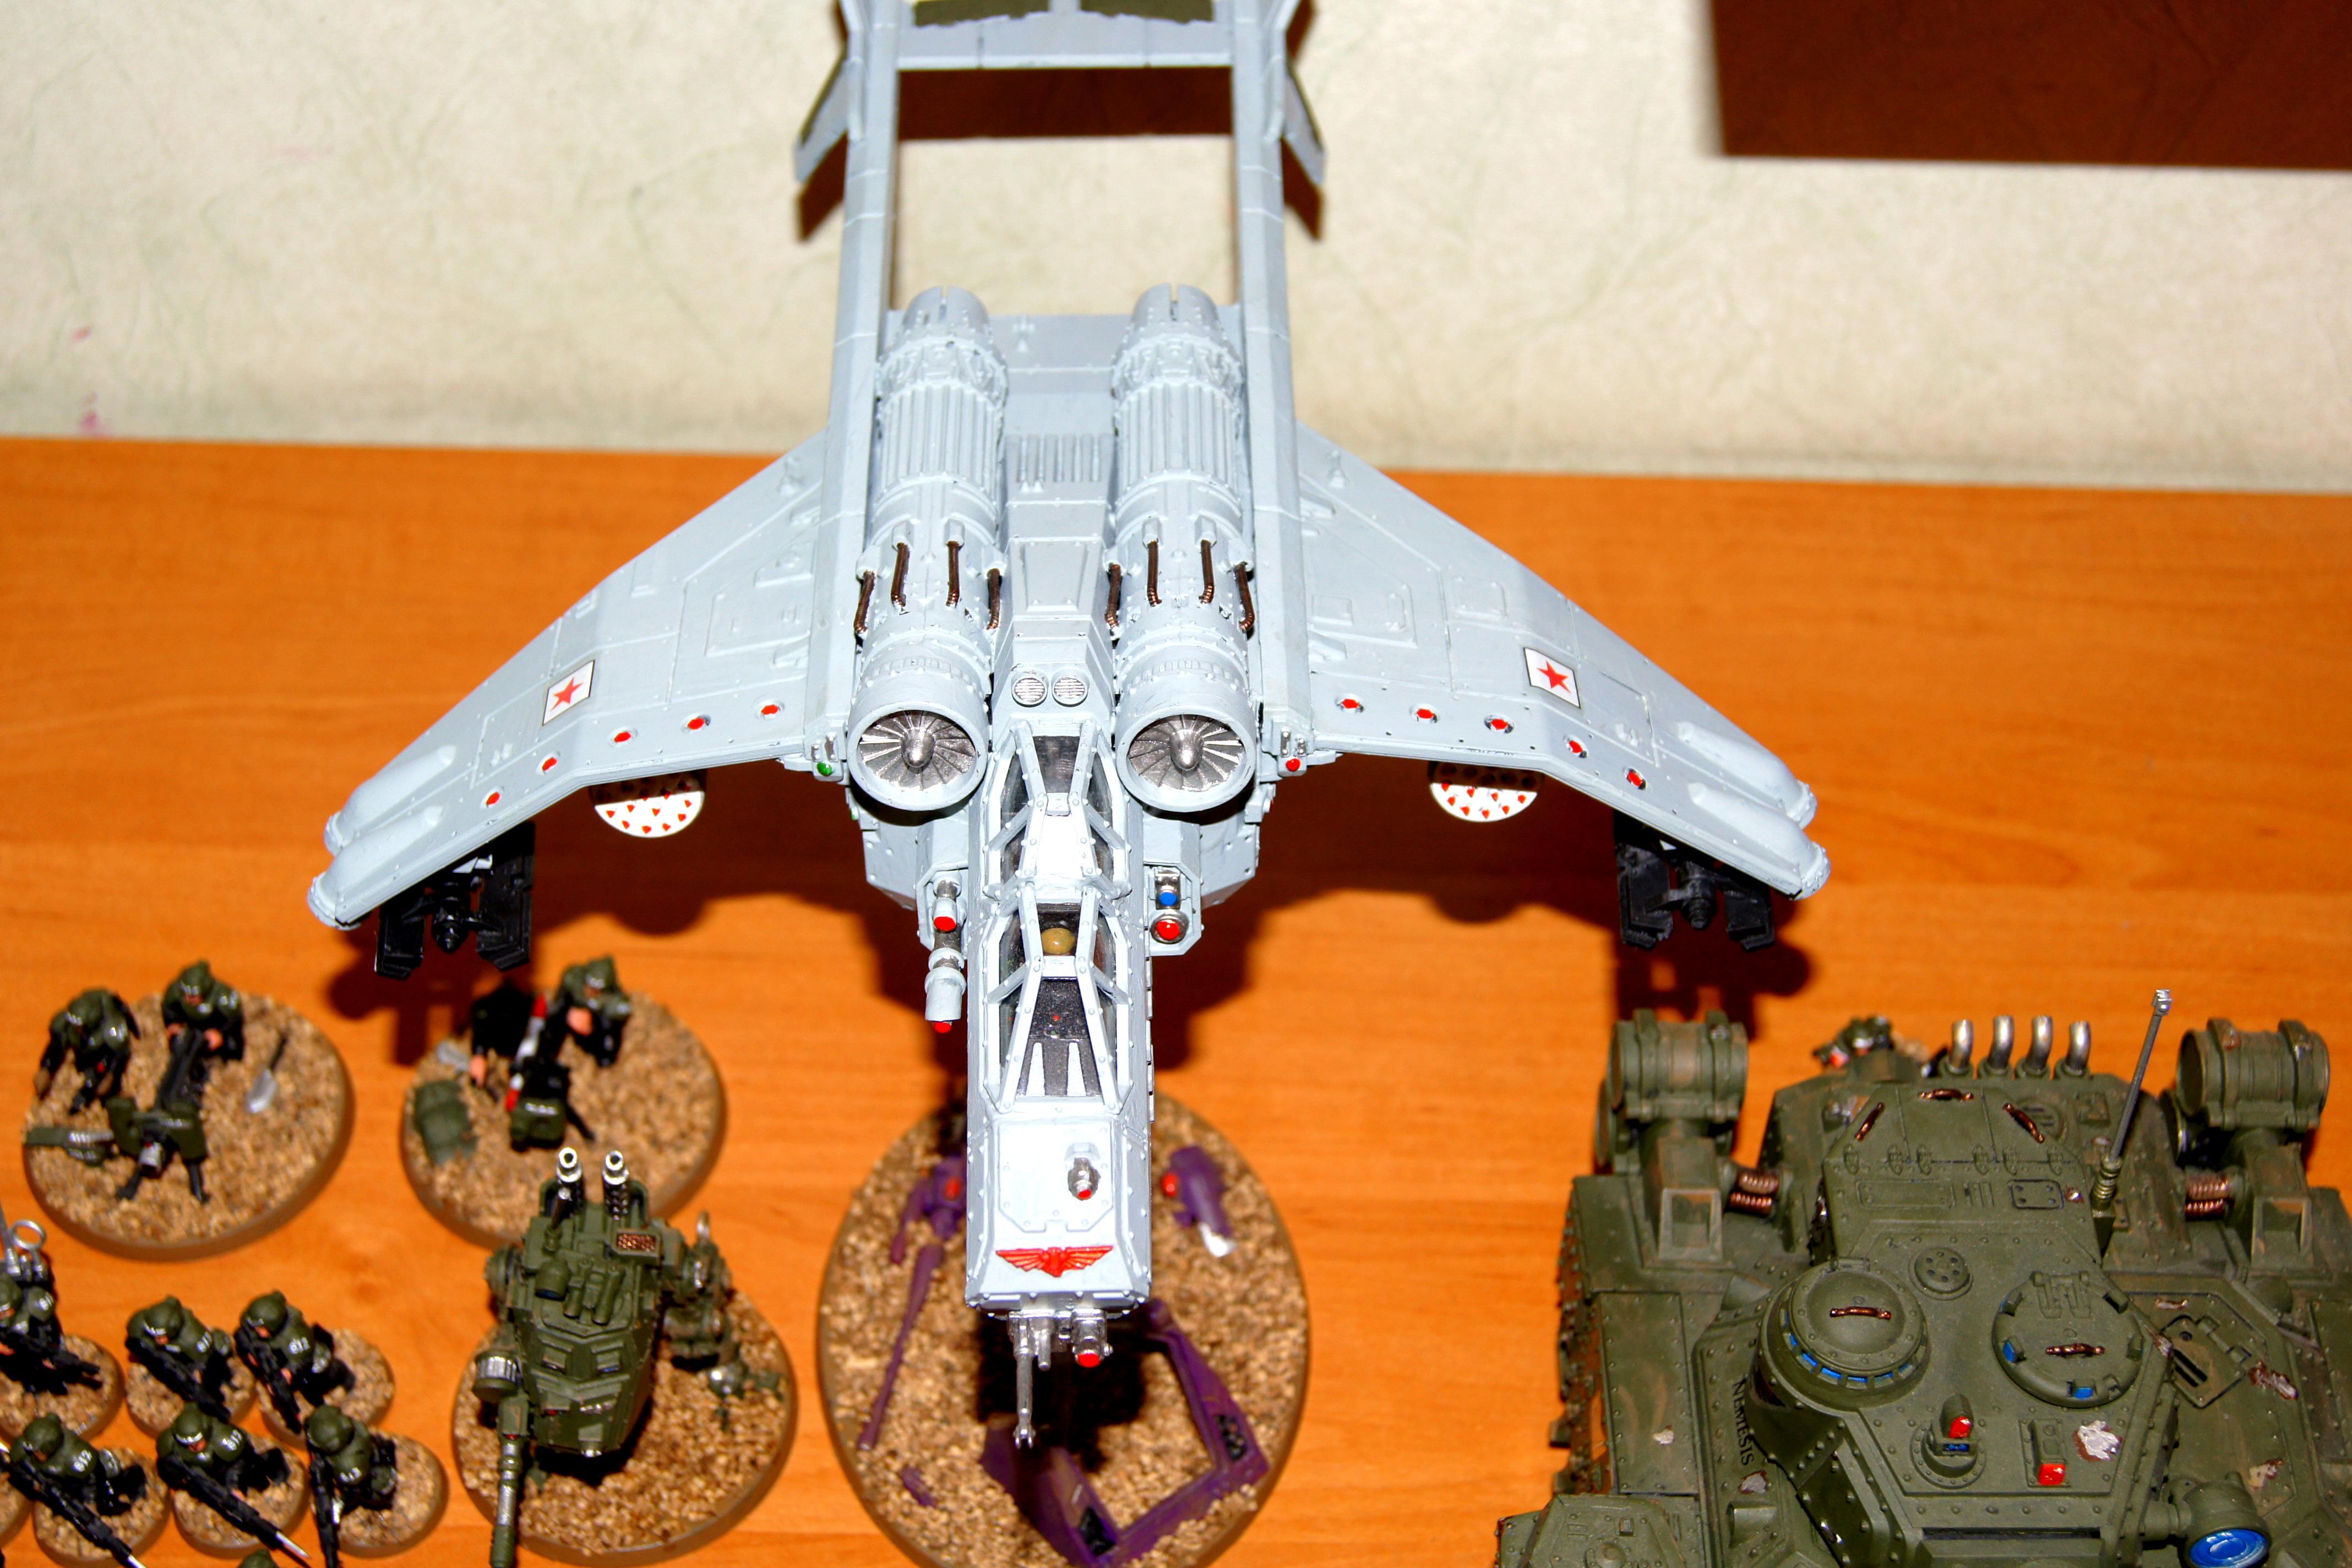 Army, Astra Militarum, Conversion, Heavy Weapon, Imperial Guard, Militarum Tempestus, Sentinel, Tempestus Scions, Valkyrie, Veteran